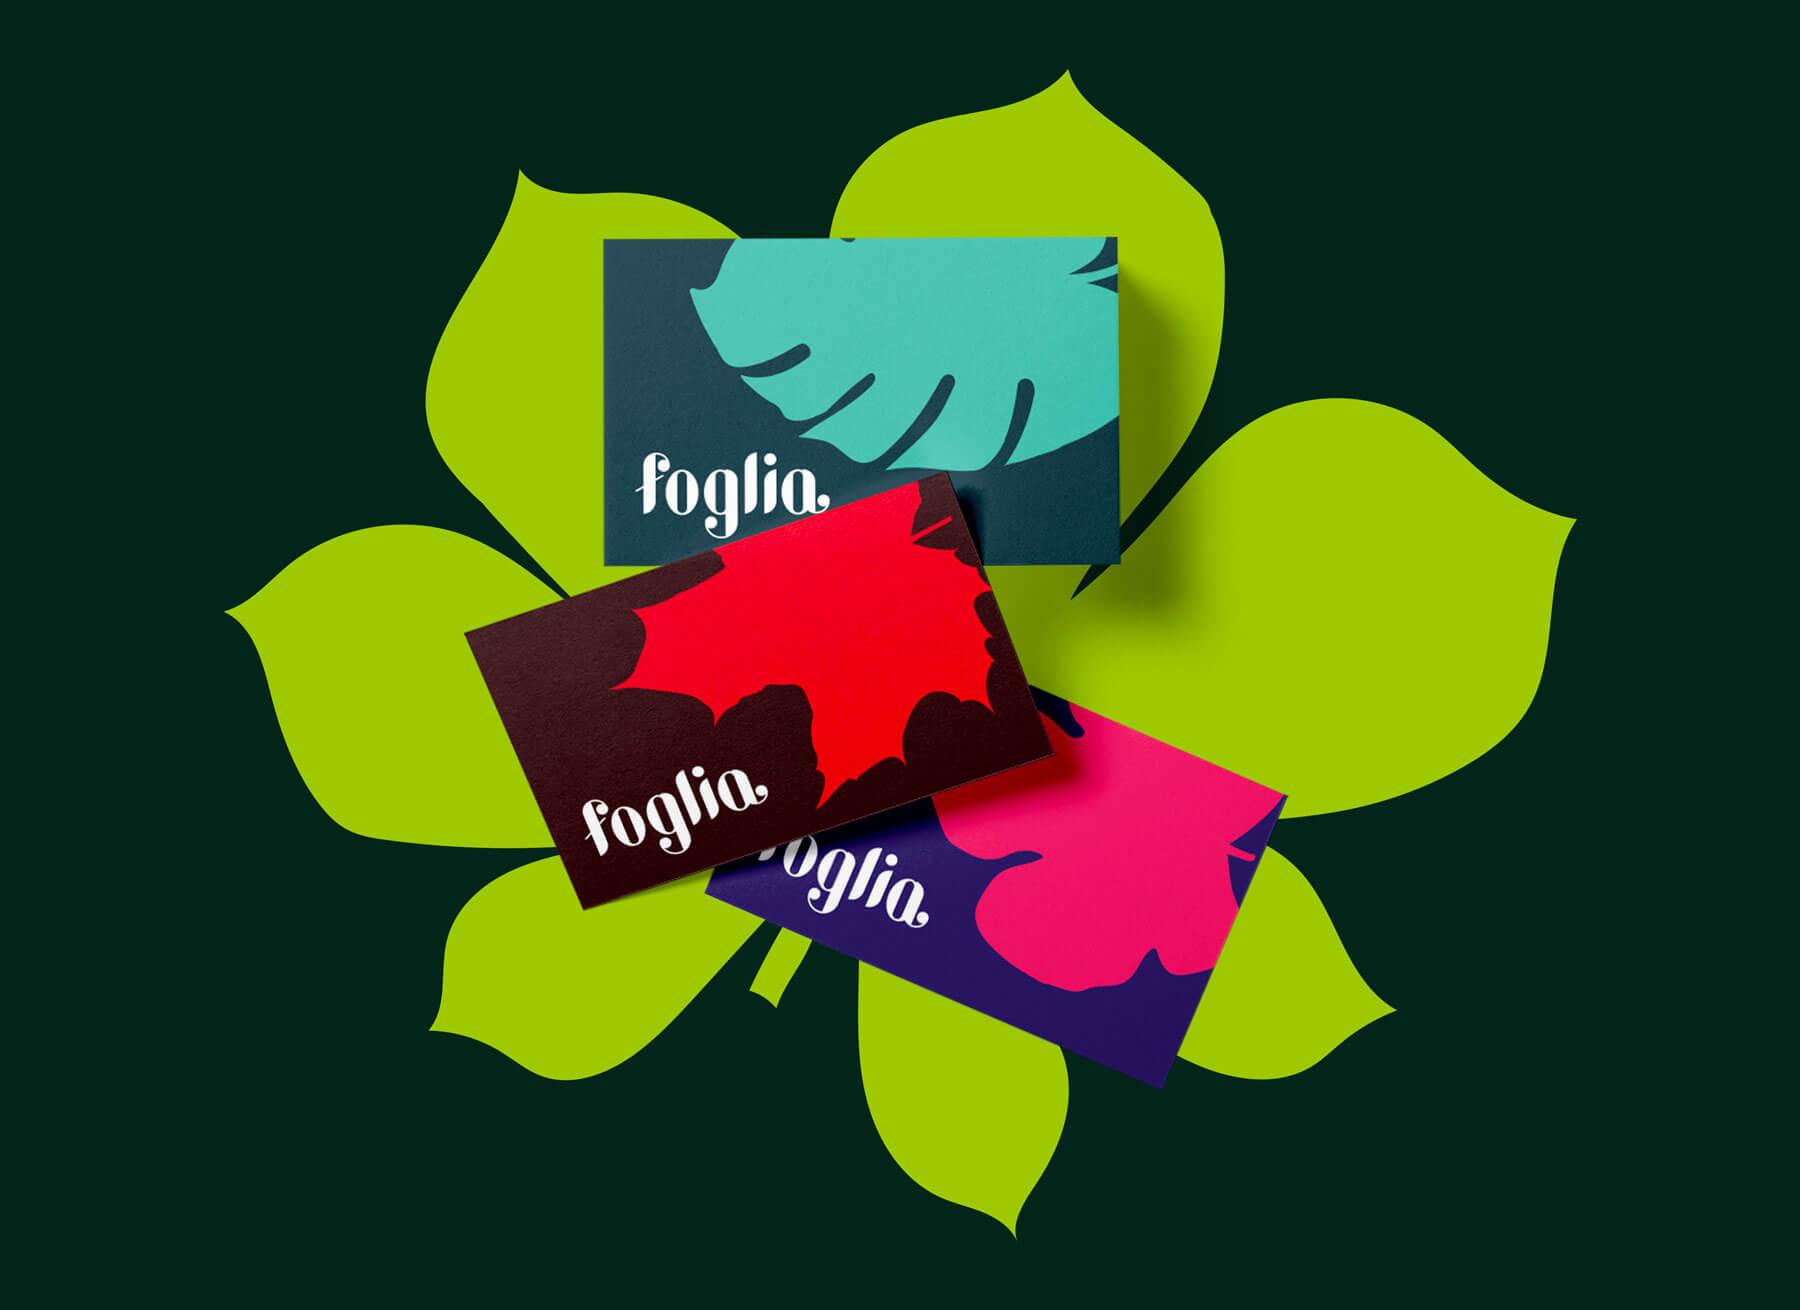 tre biglietti da visita diversi con il logo e la brand identity design di Foglia di colore blu, rosso e viola su sfondo verde scuro